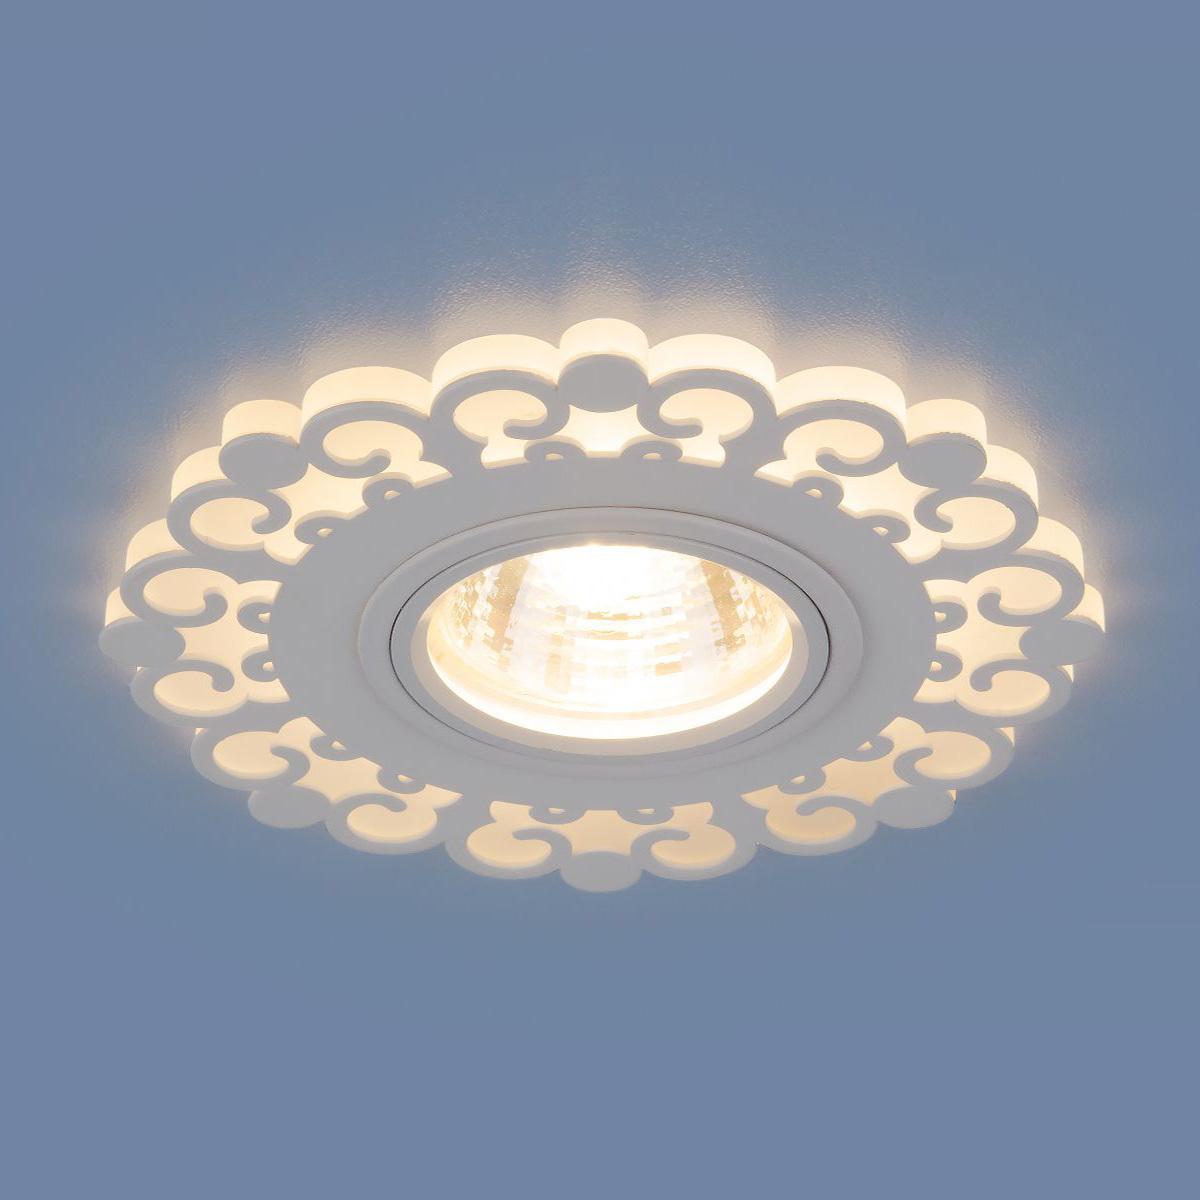 Встраиваемый светильник Elektrostandard Точечный светодиодный 2196 MR16 WH, G5.3 недорго, оригинальная цена